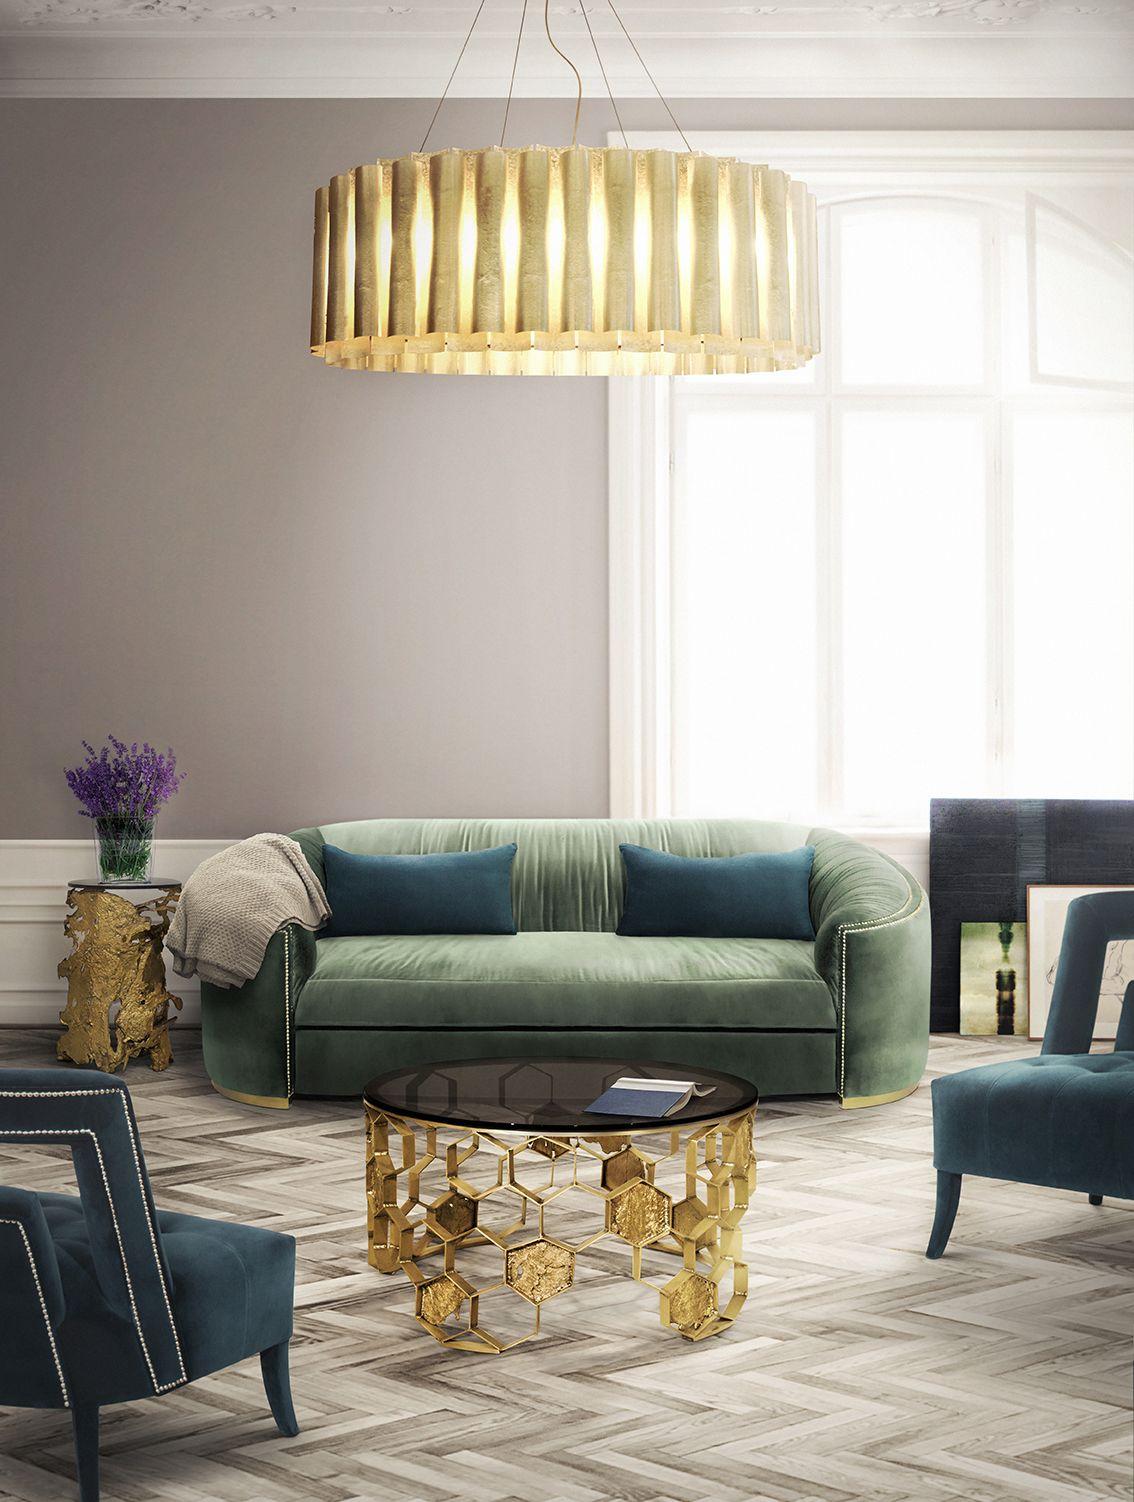 Großartig Herbst 2017: Luxuriöse Wohnzimmer Für Den Herbst | Wohnzimmer Ideen | Luxus  Möbel | Klassisch